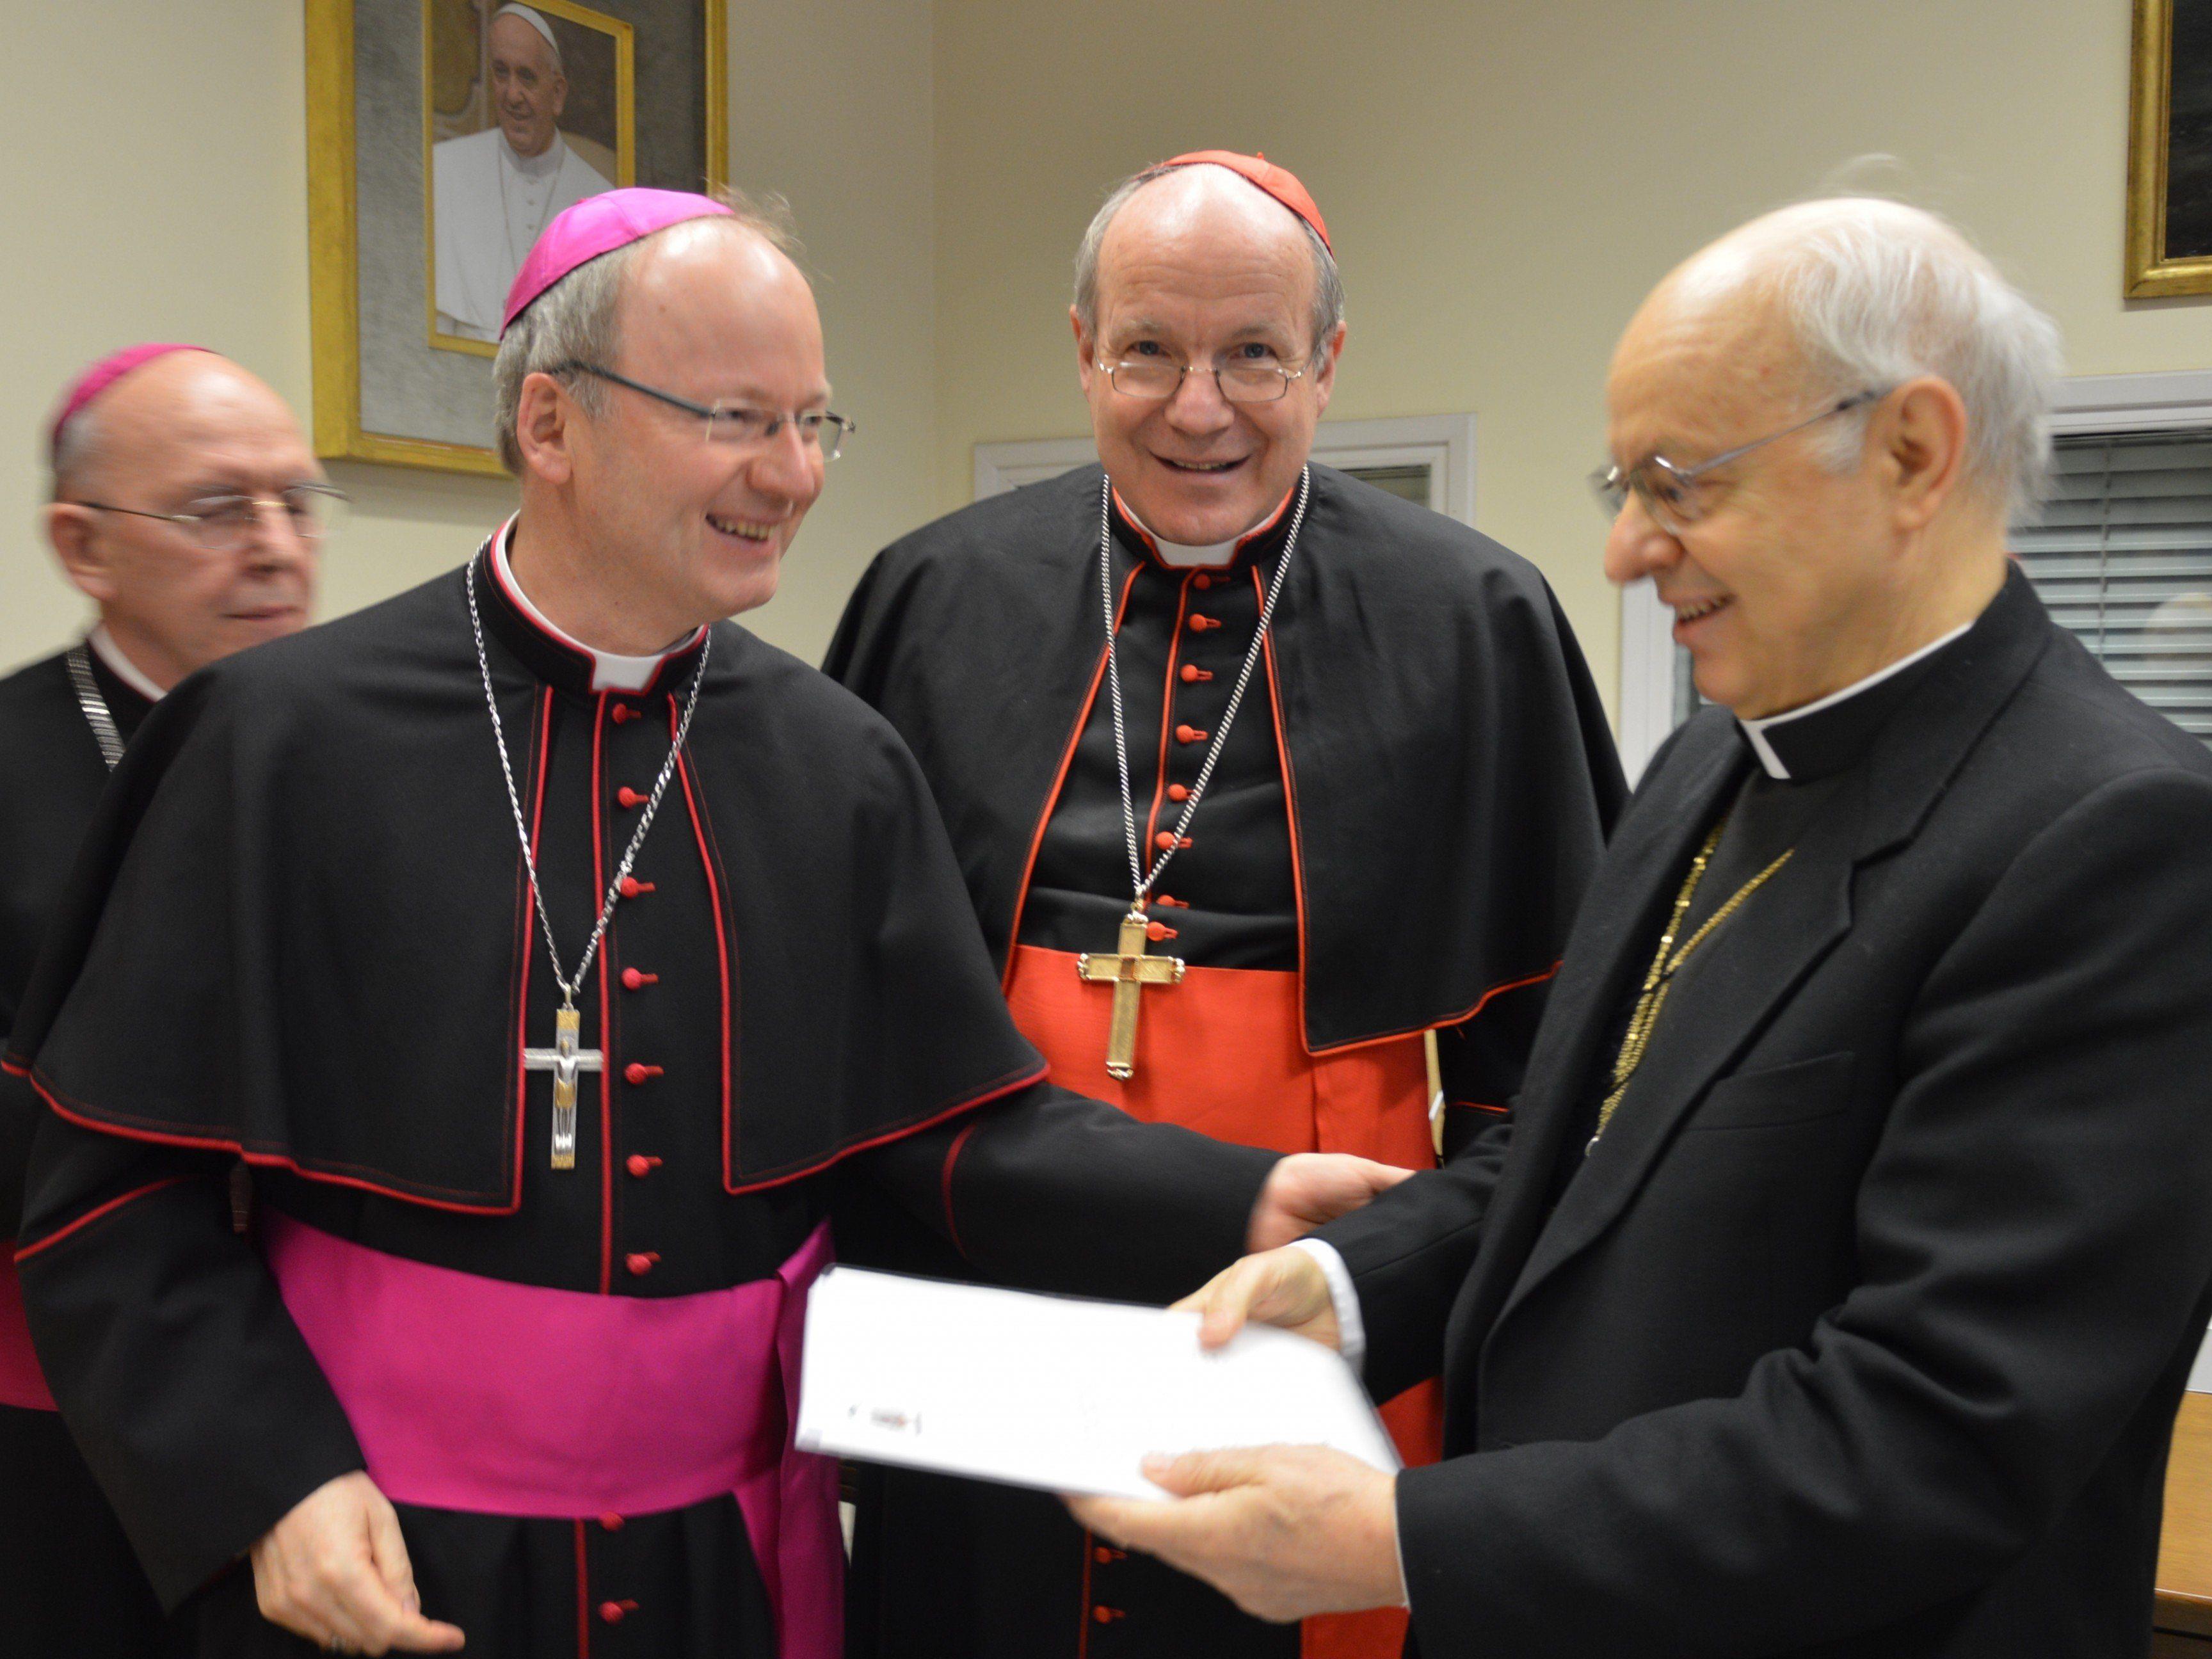 Bischofsynode Familienumfrage: Elbs, Schönborn und Baldisseri